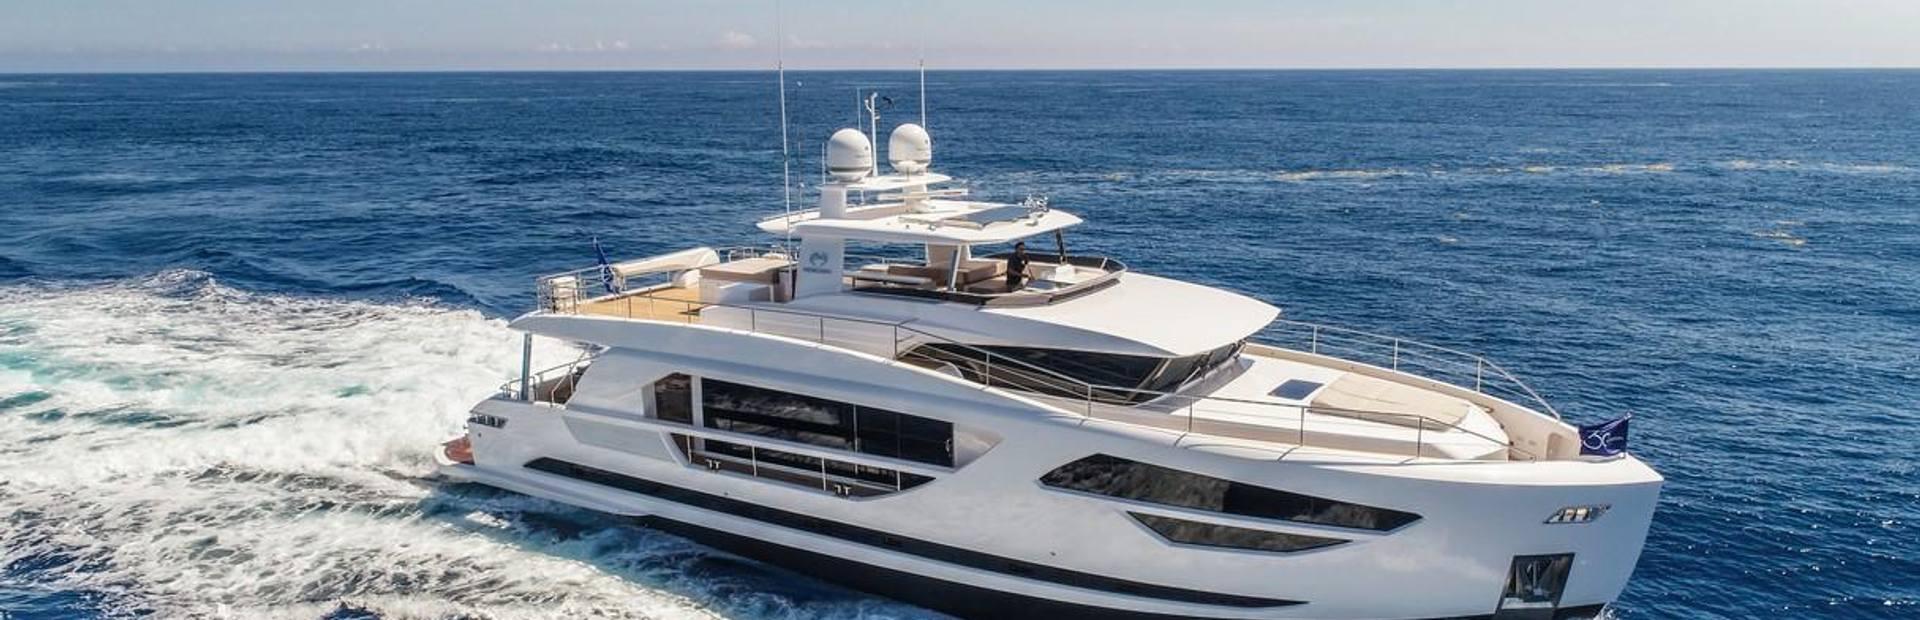 FD85 Yacht Charter